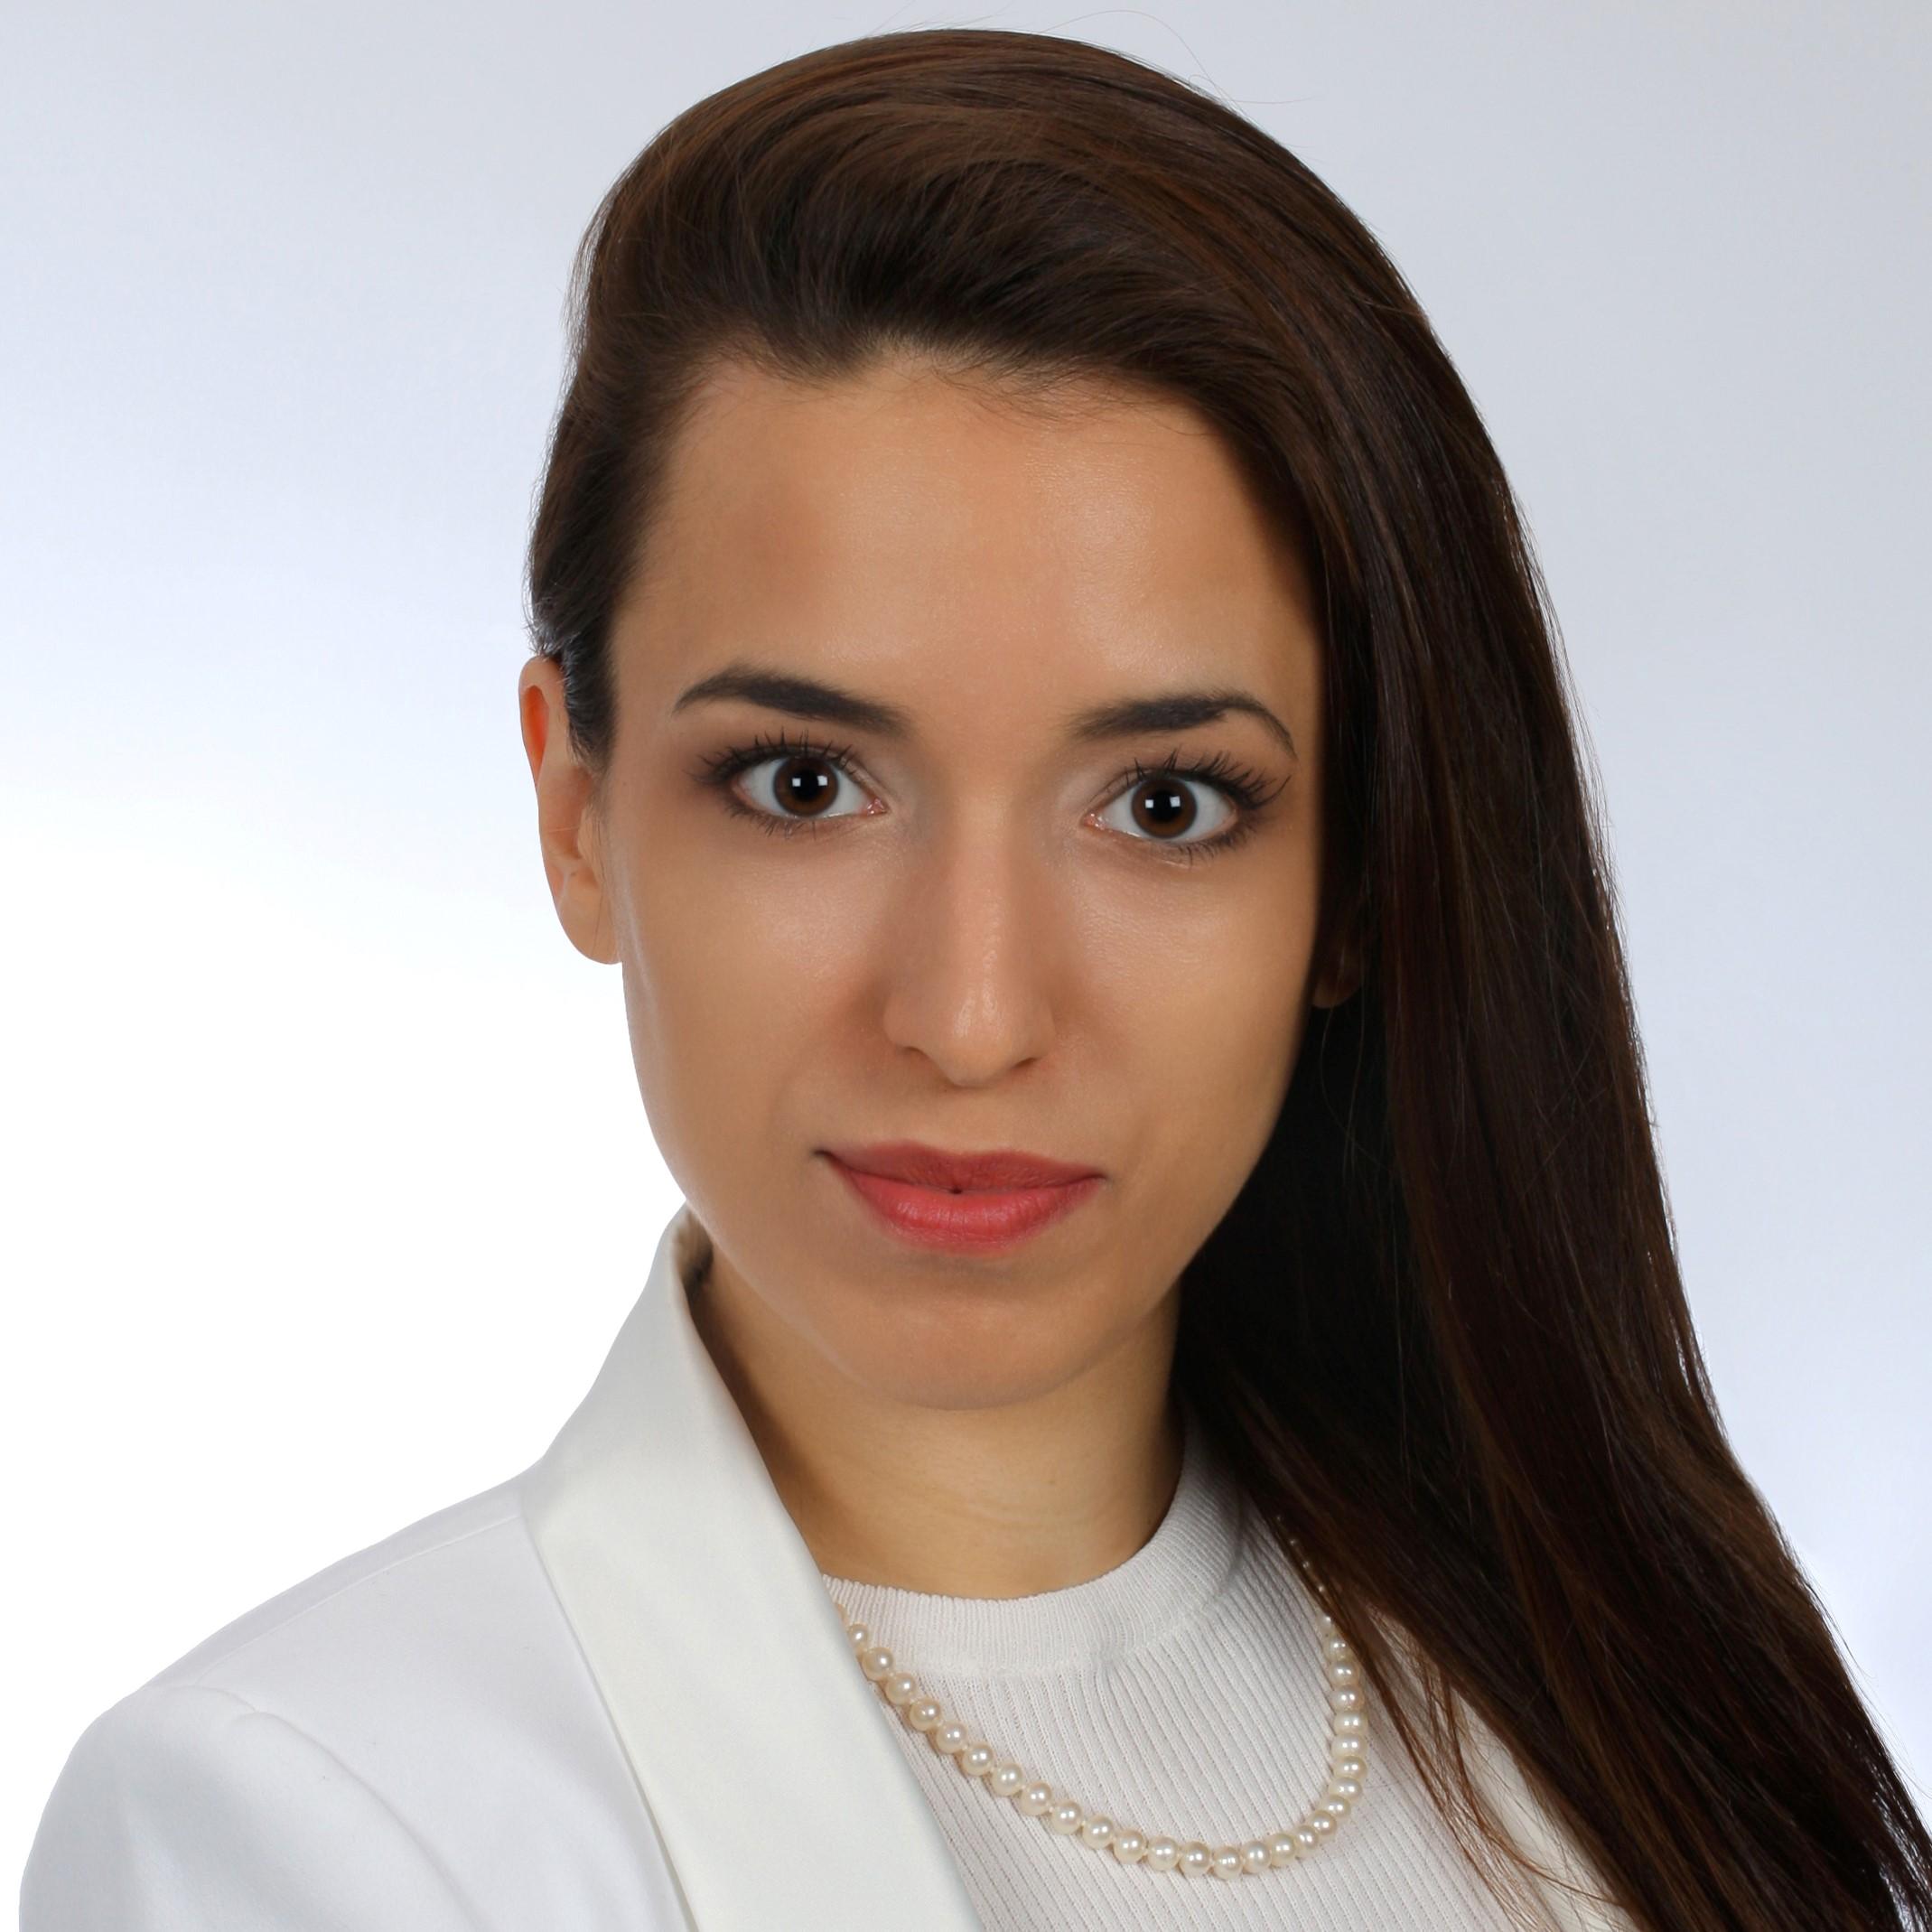 Dagmara Błaszkiewicz